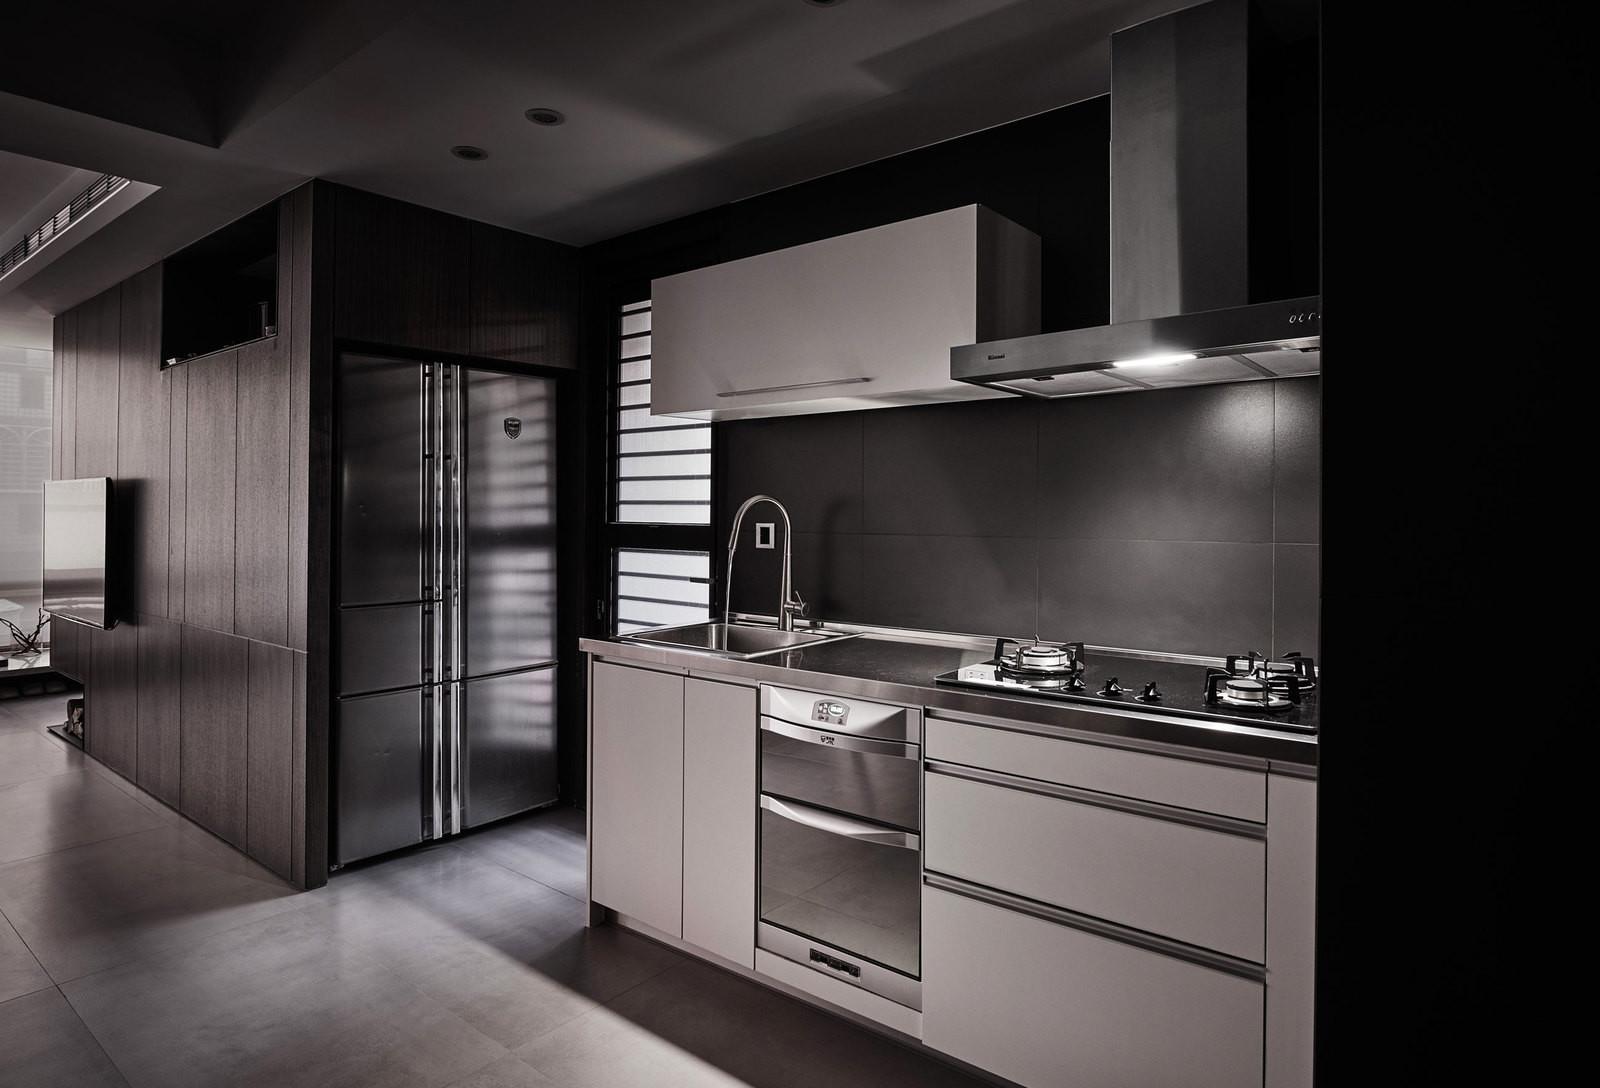 etaj-ot-kashta-s-moderen-i-prostoren-interioren-dizain-120-5g